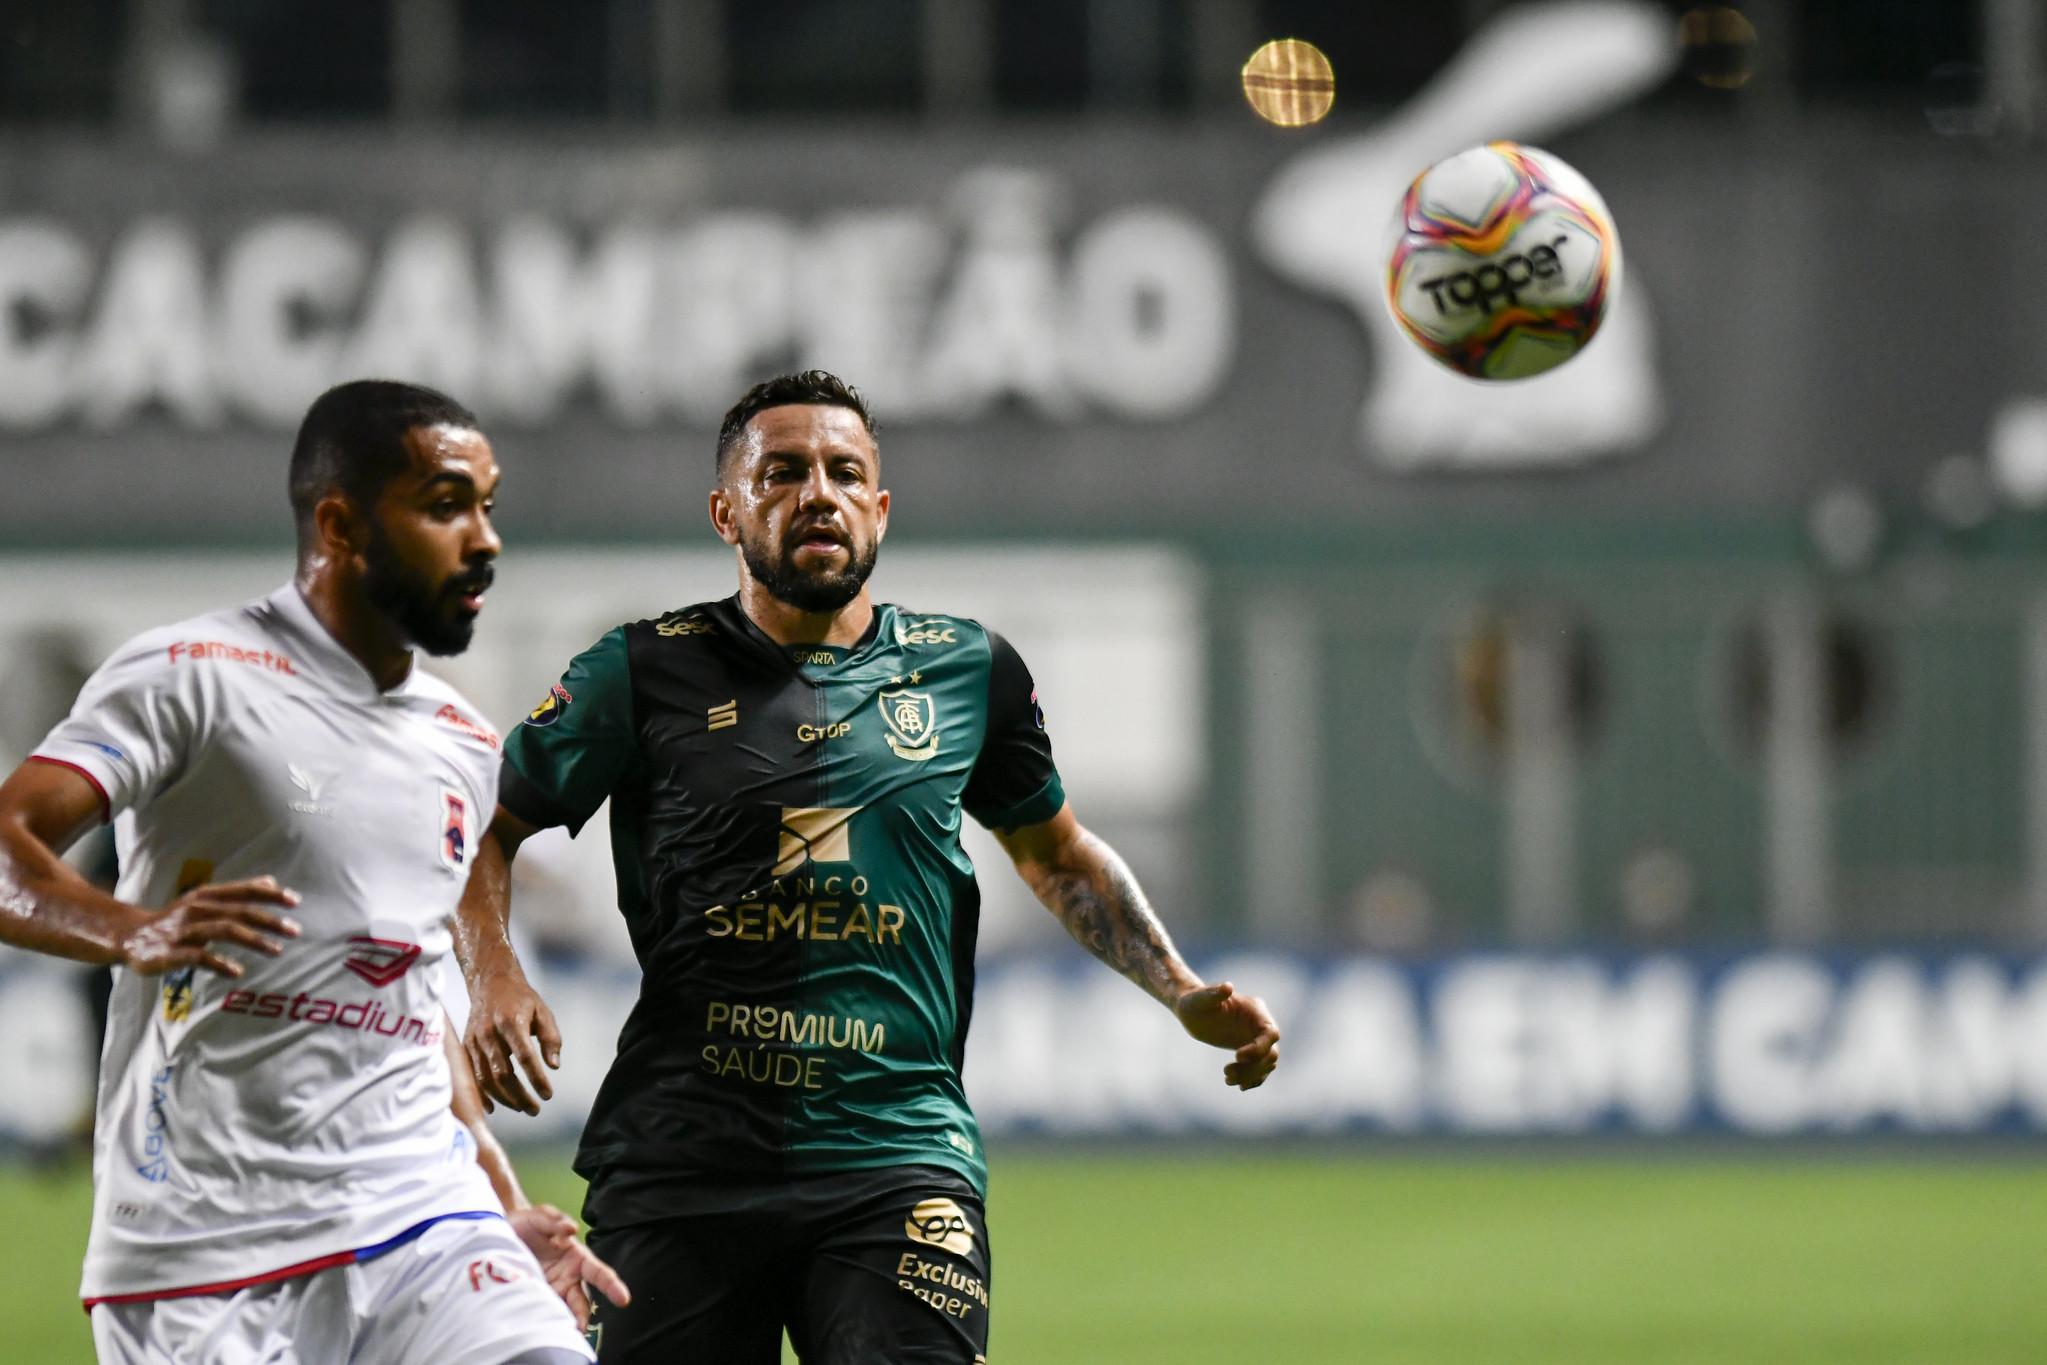 Paulo Henrique e Felipe Azevedo acompanham a bola. Foto: Mourão Panda/AFC